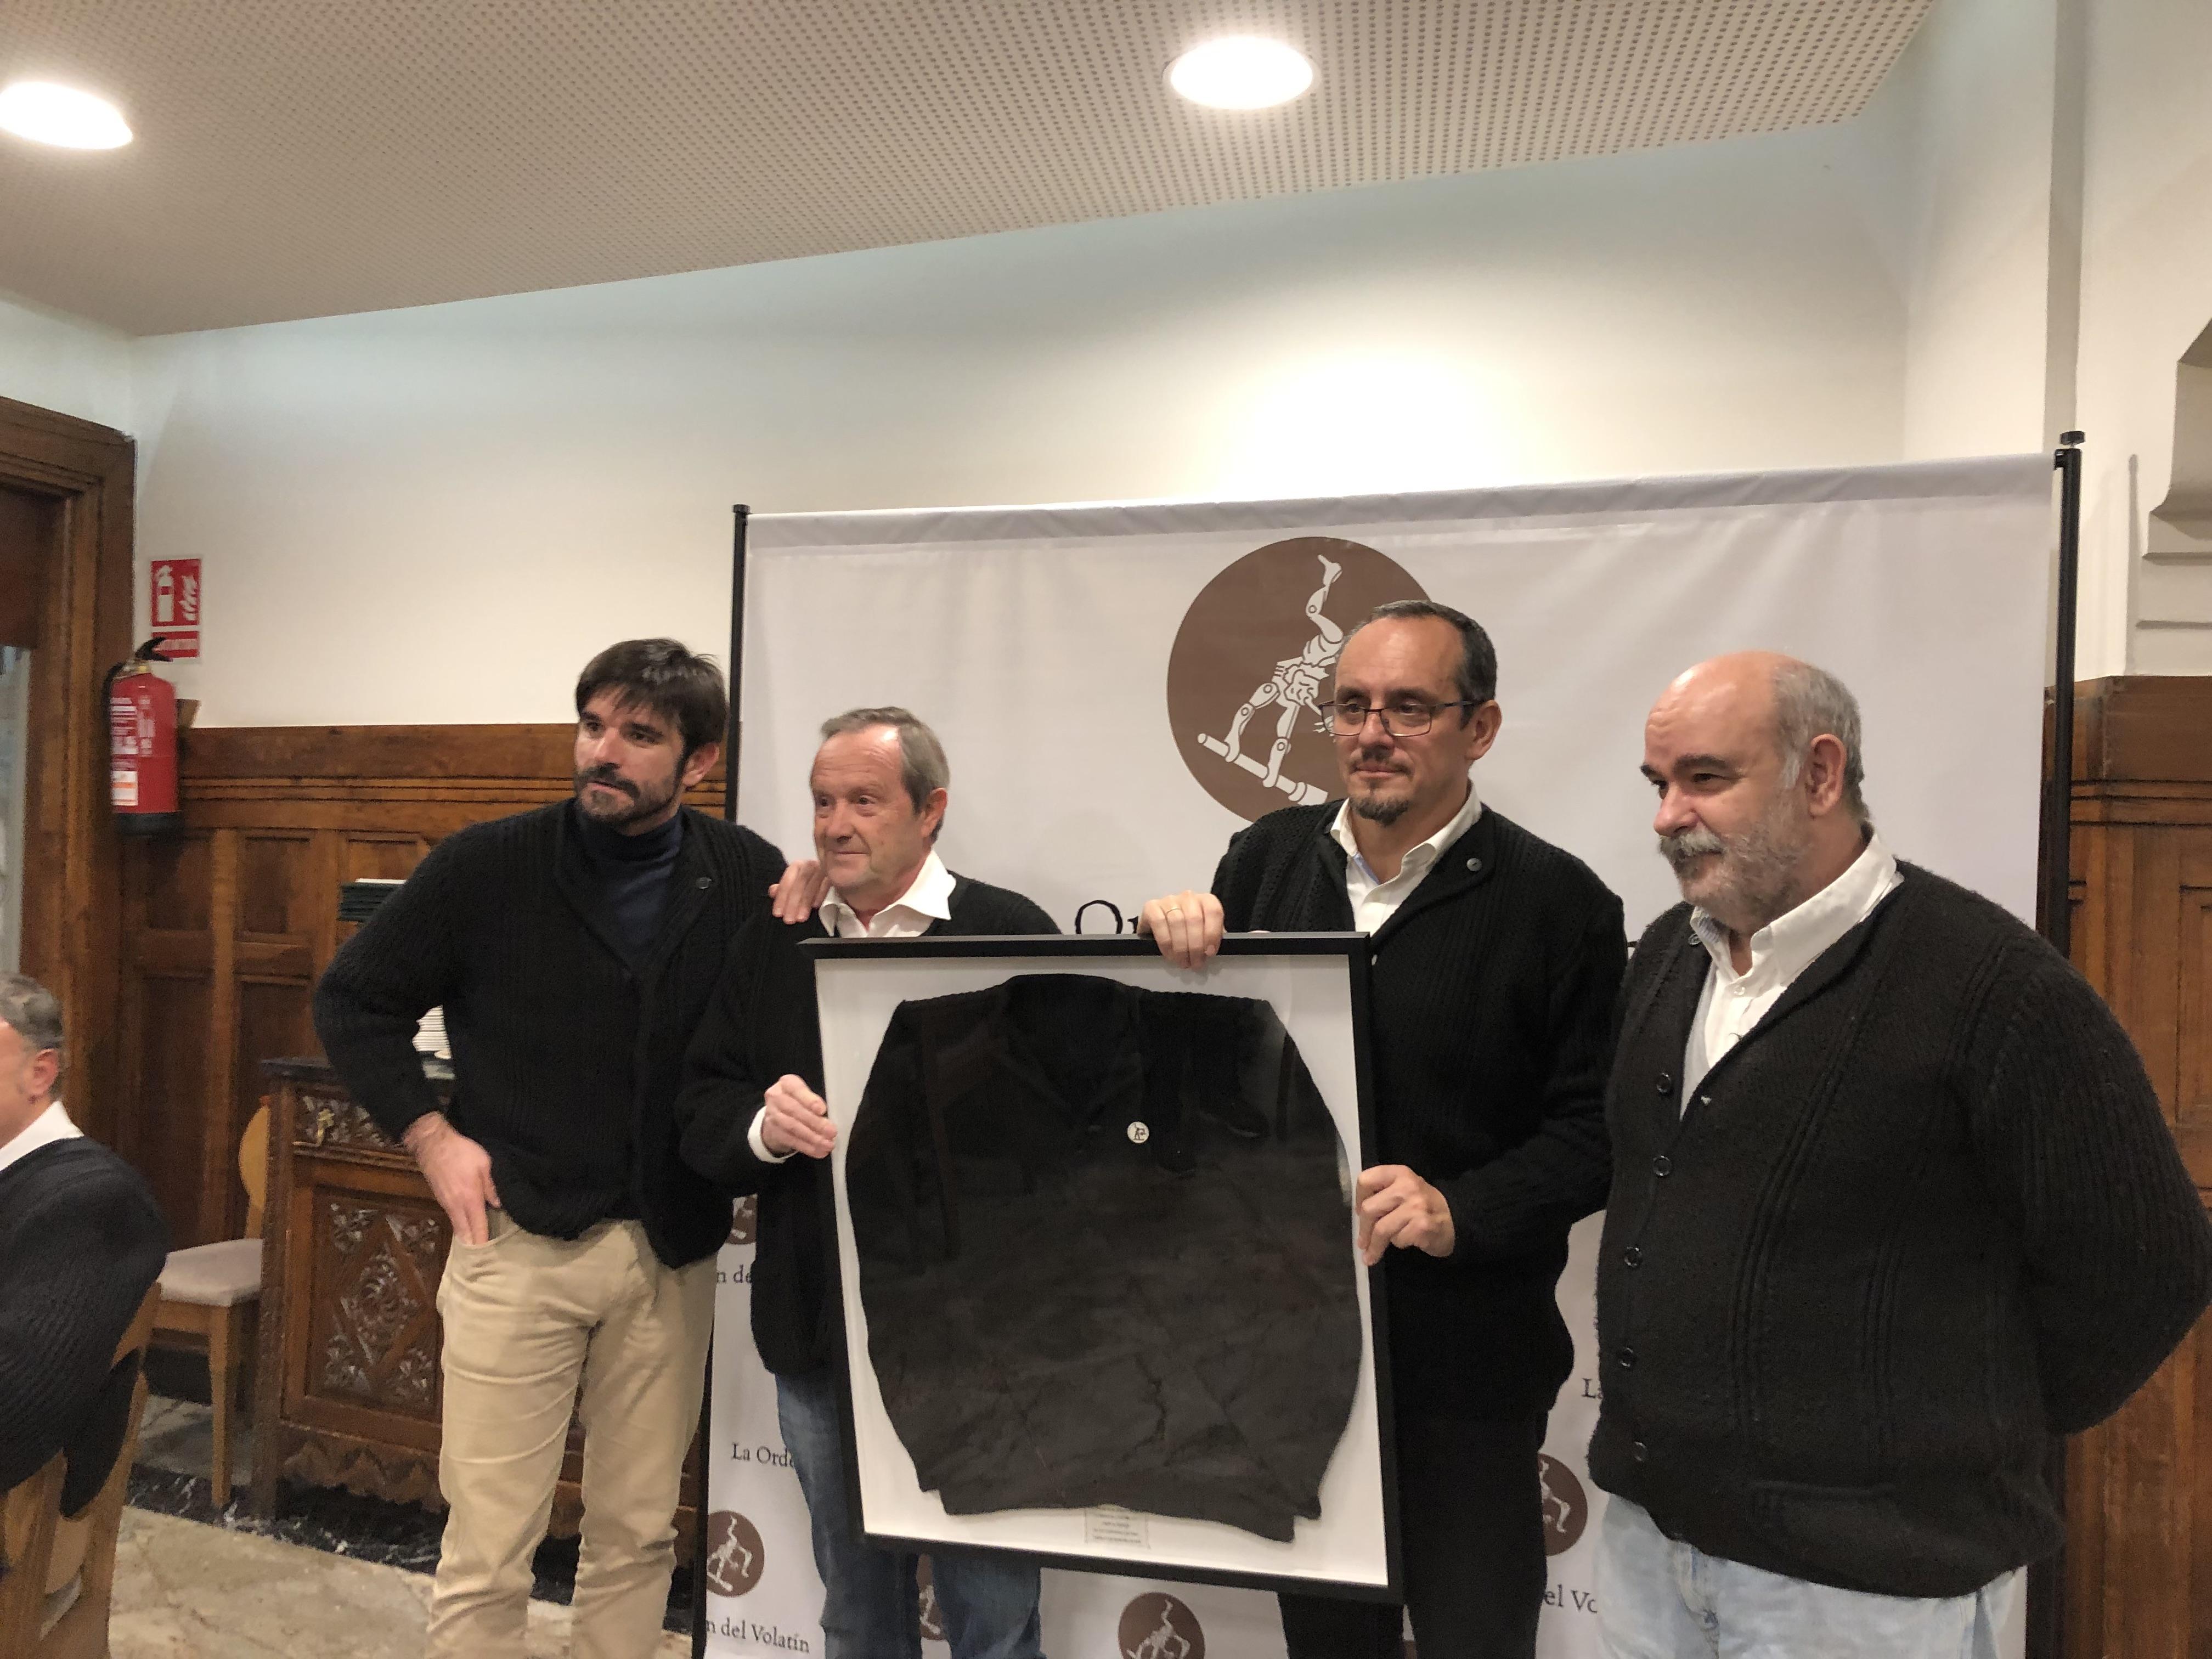 La UNED homenajeada en la Cena de la Elástica Tudelana